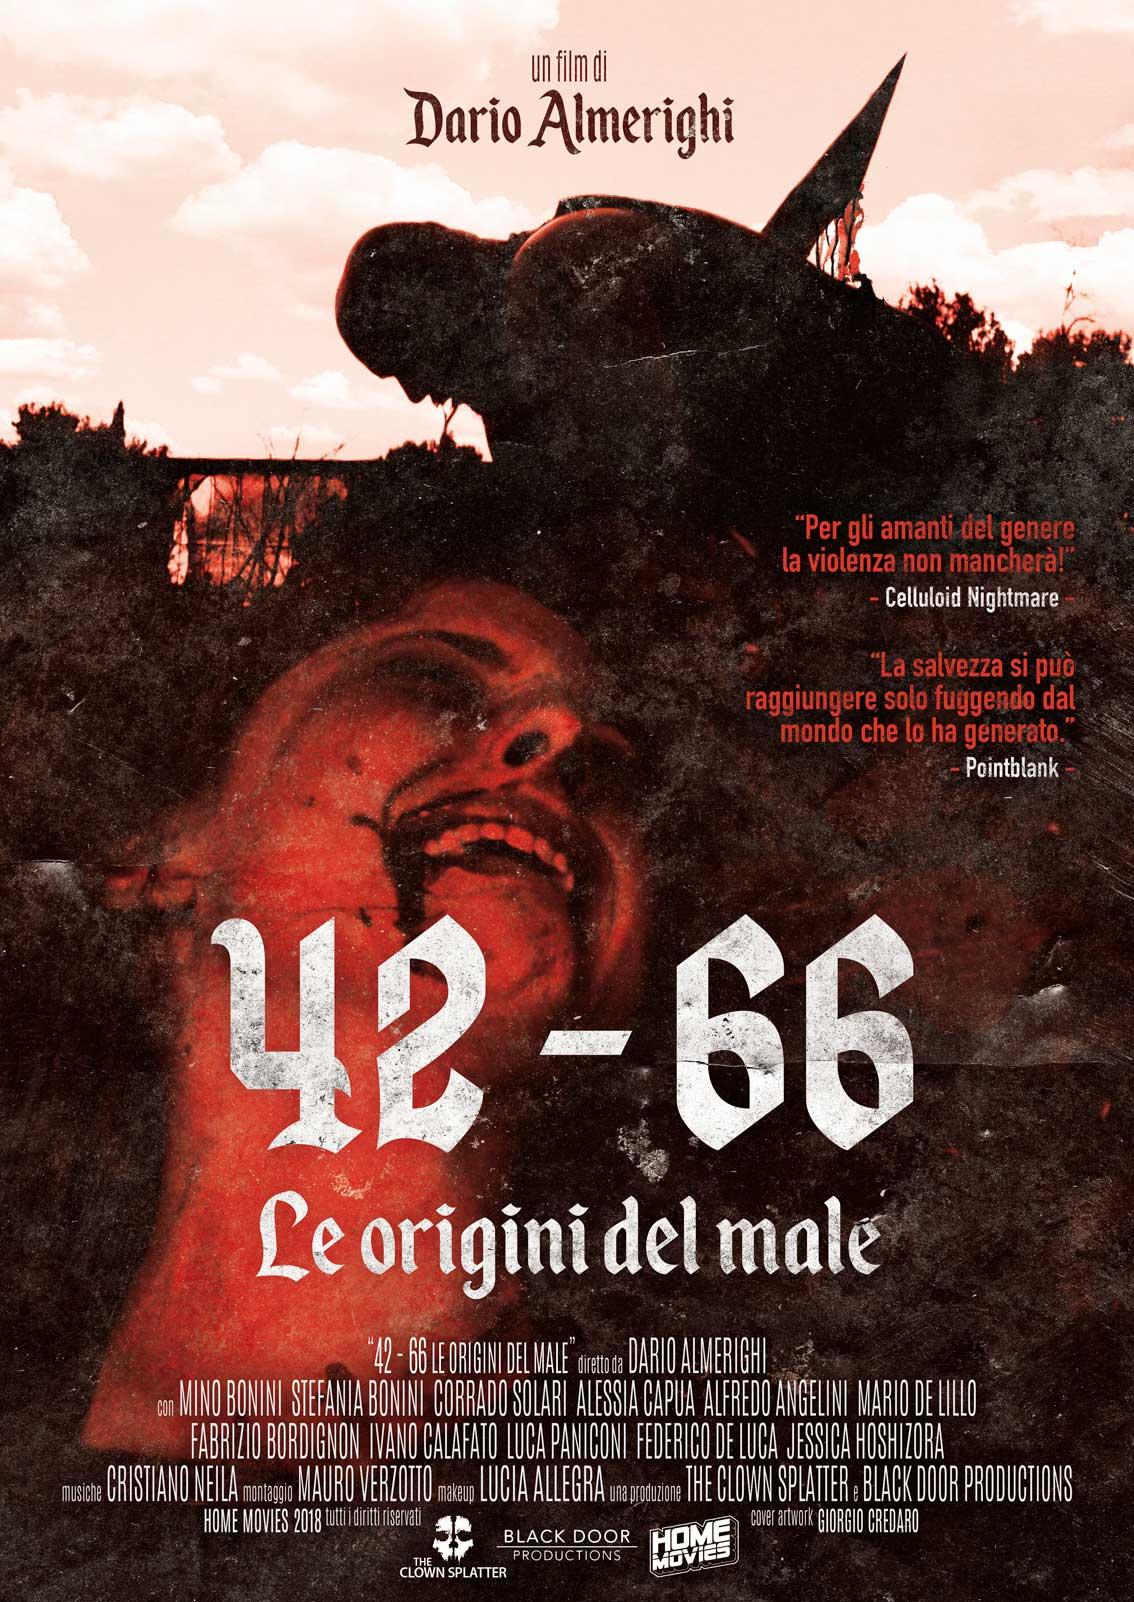 42 - 66 LE ORIGINI DEL MALE (ED. LIMITATA E NUMERATA) (DVD)